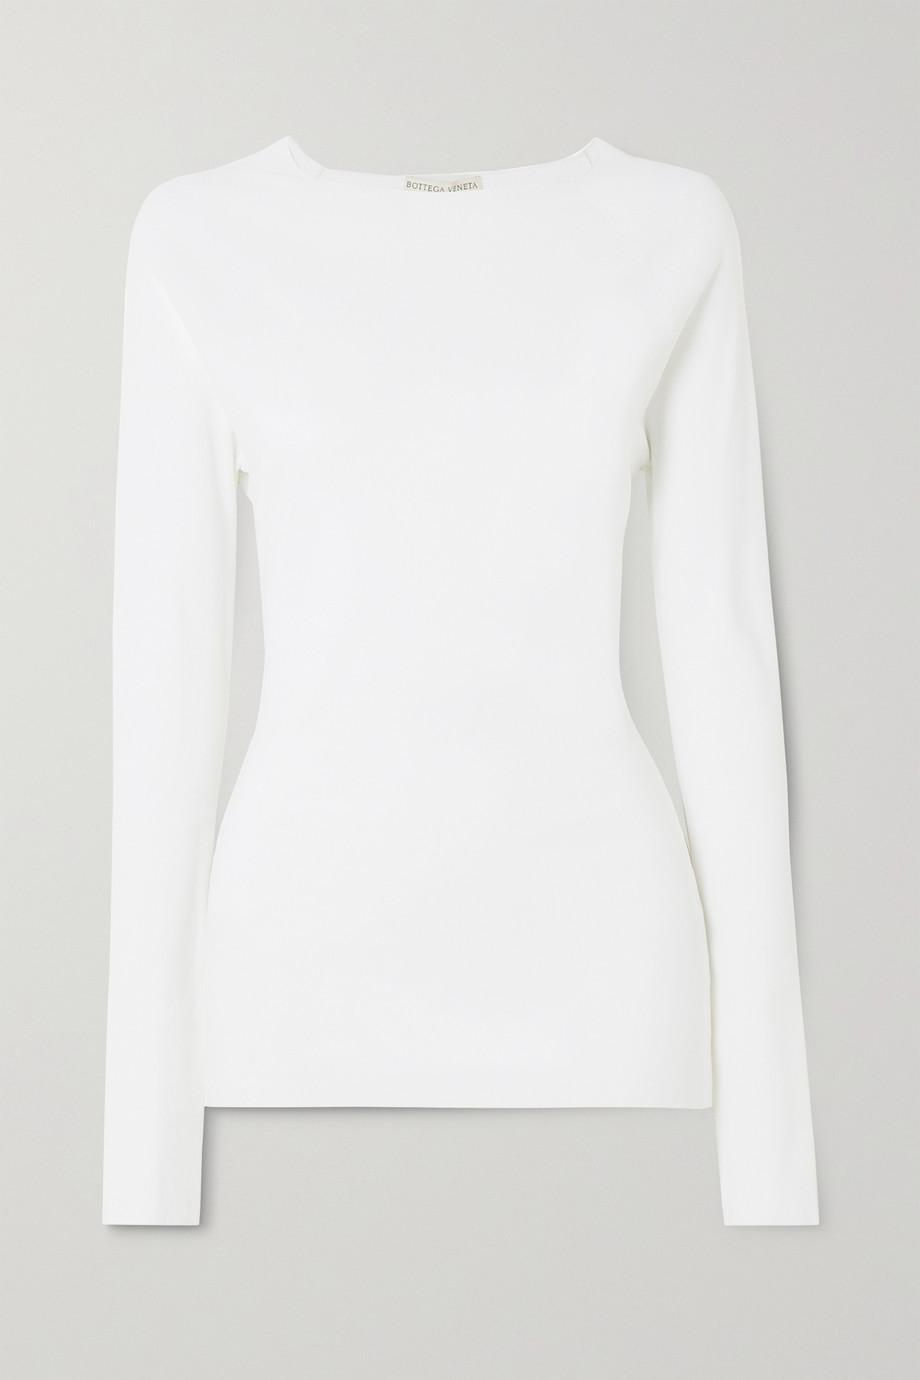 Bottega Veneta Knitted top